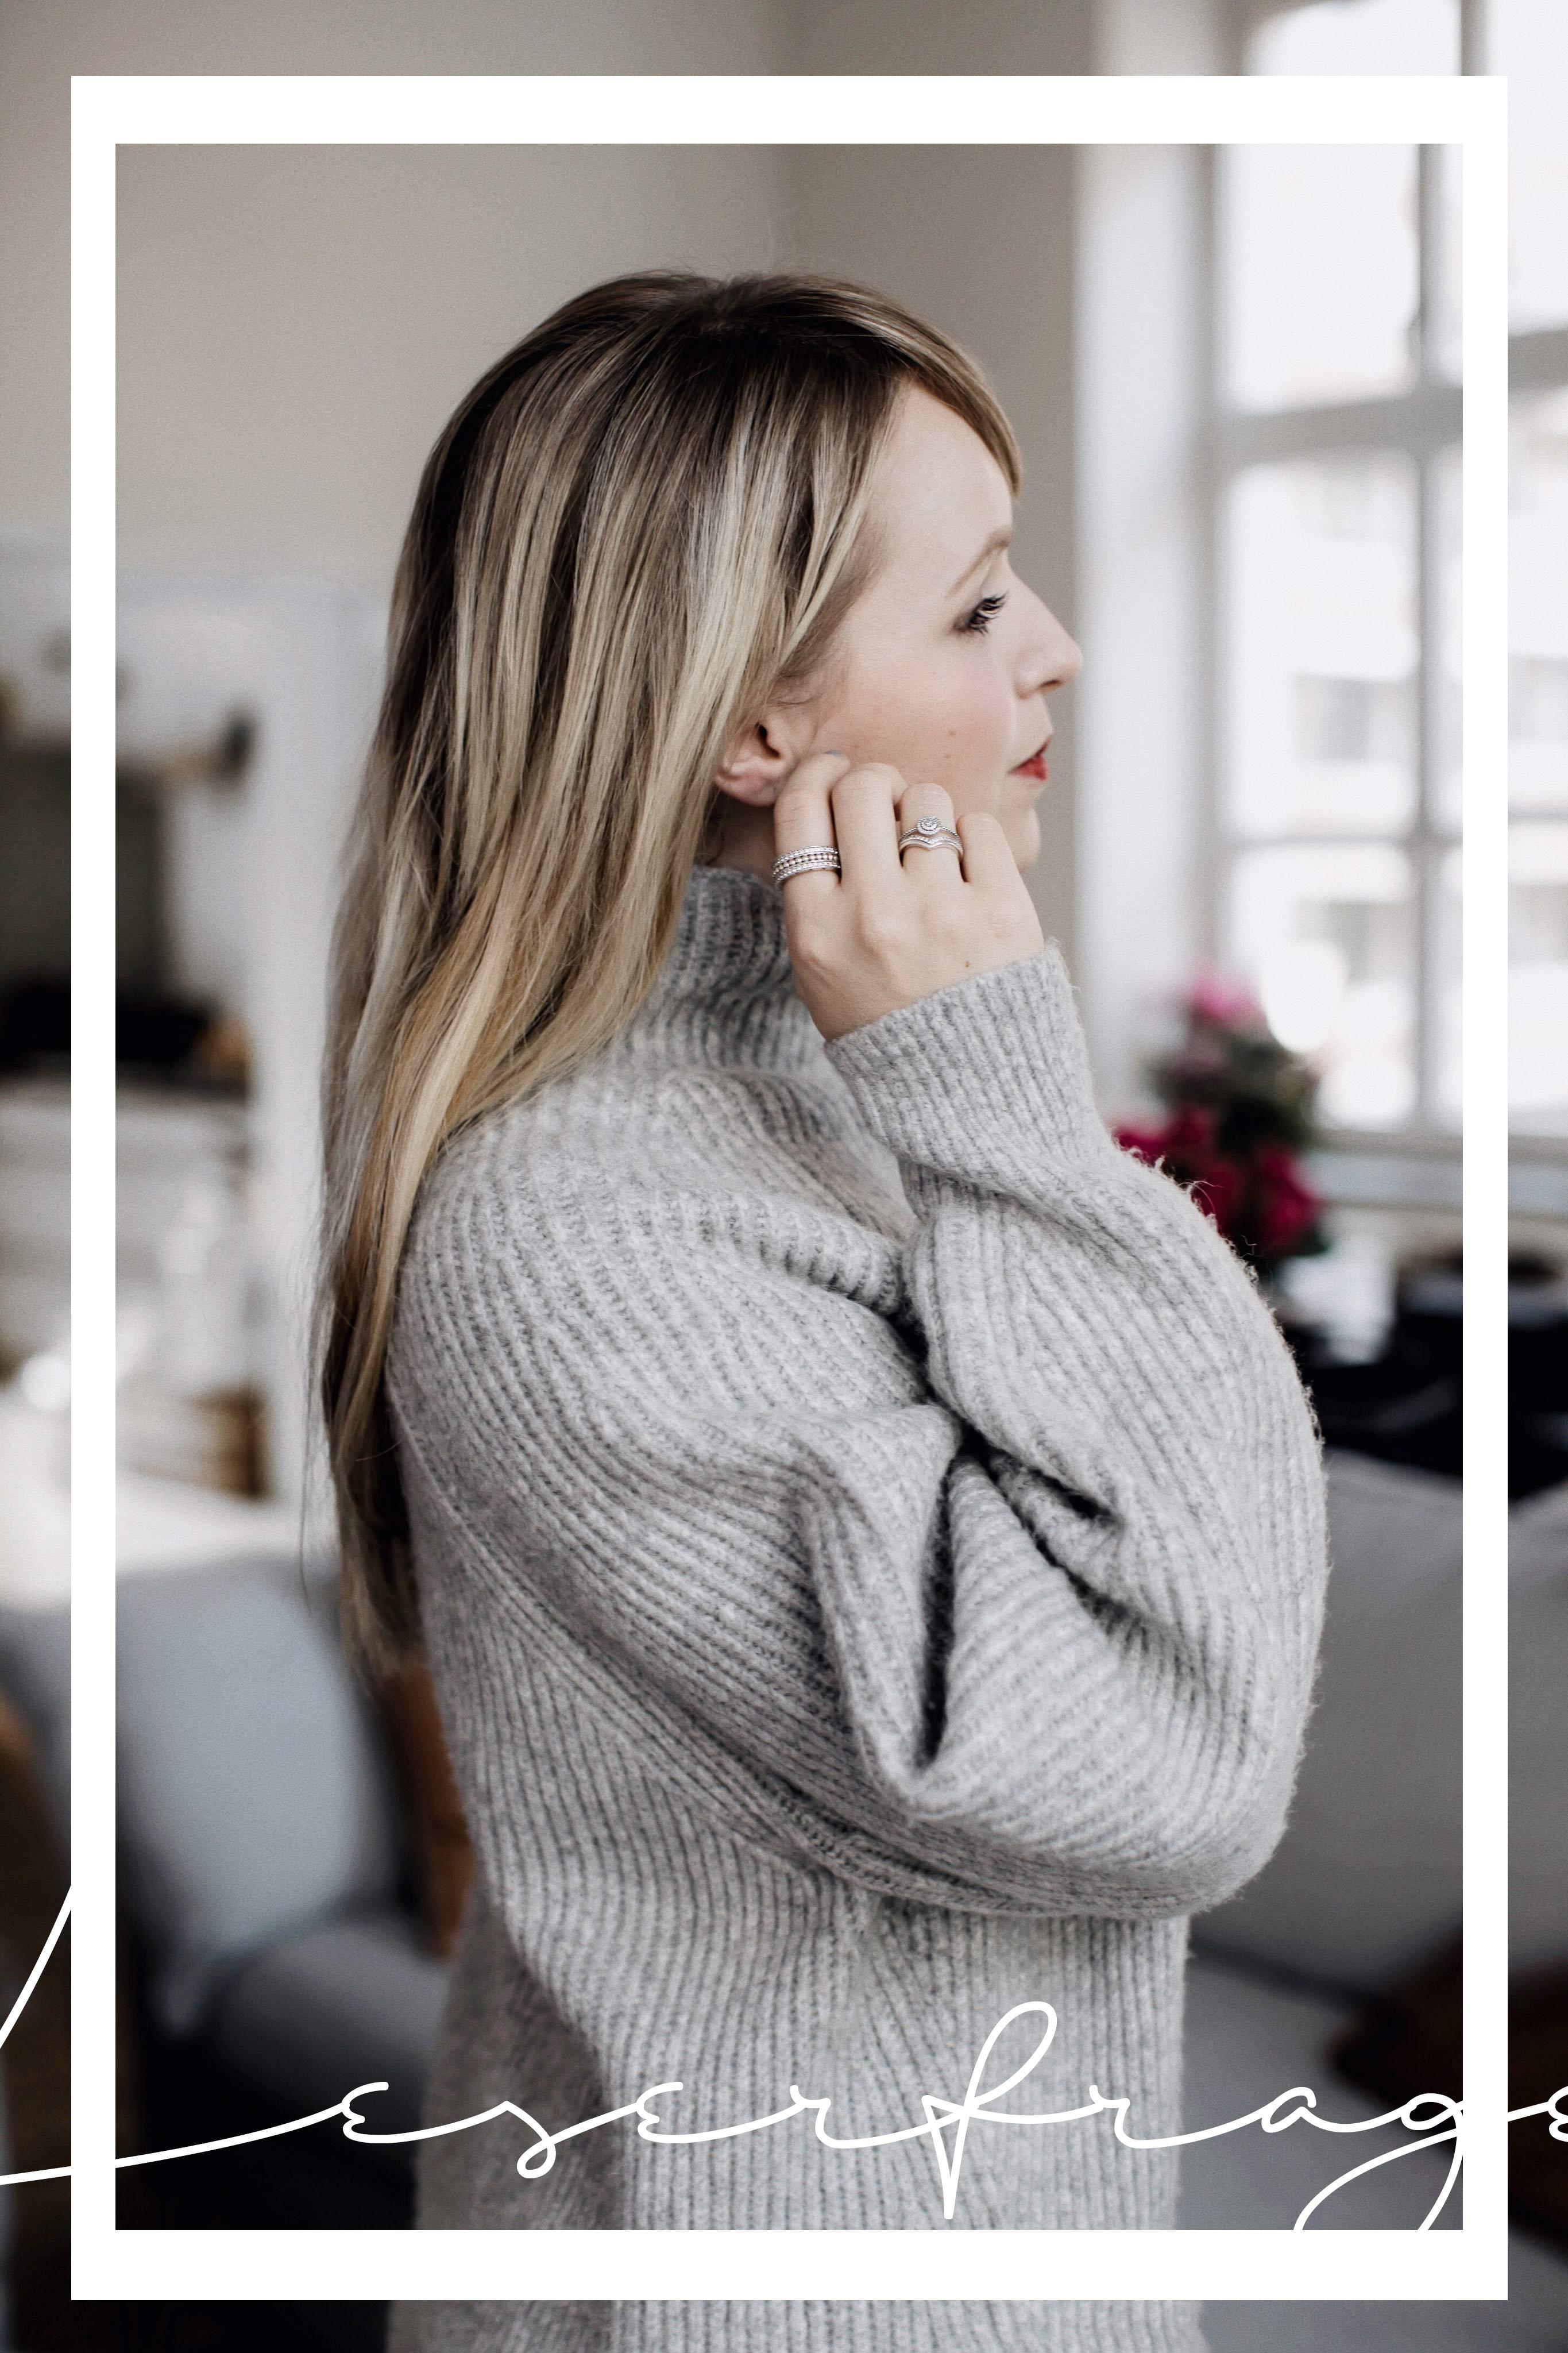 freundschafen leserfrage hm sweater winterootd verlassen werden